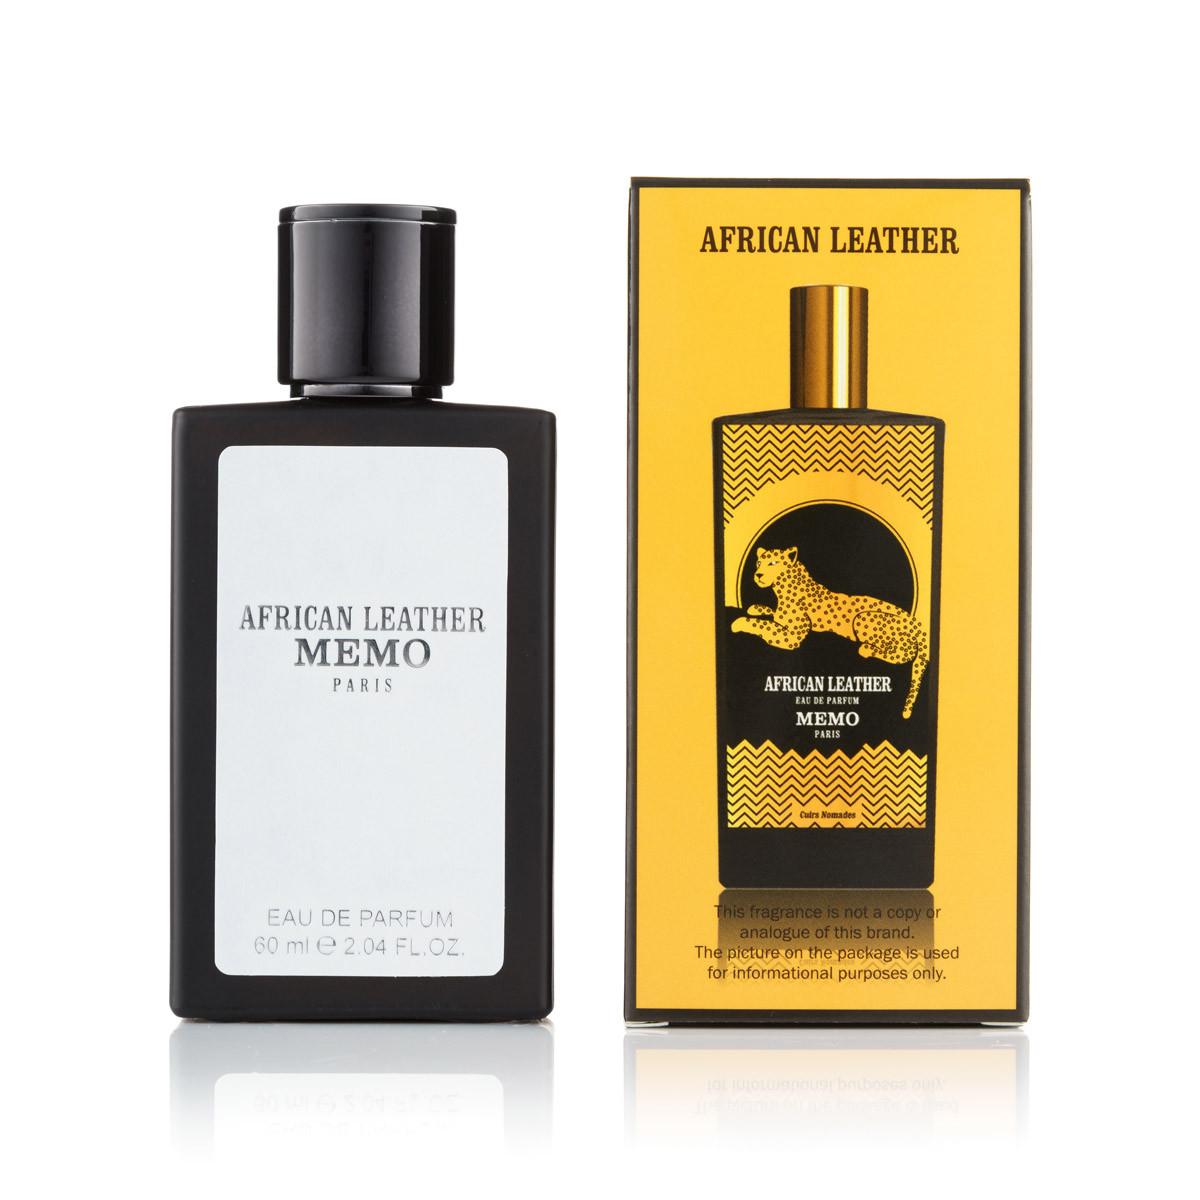 60 мл мини-парфюм Memo African Leather (унисекс)